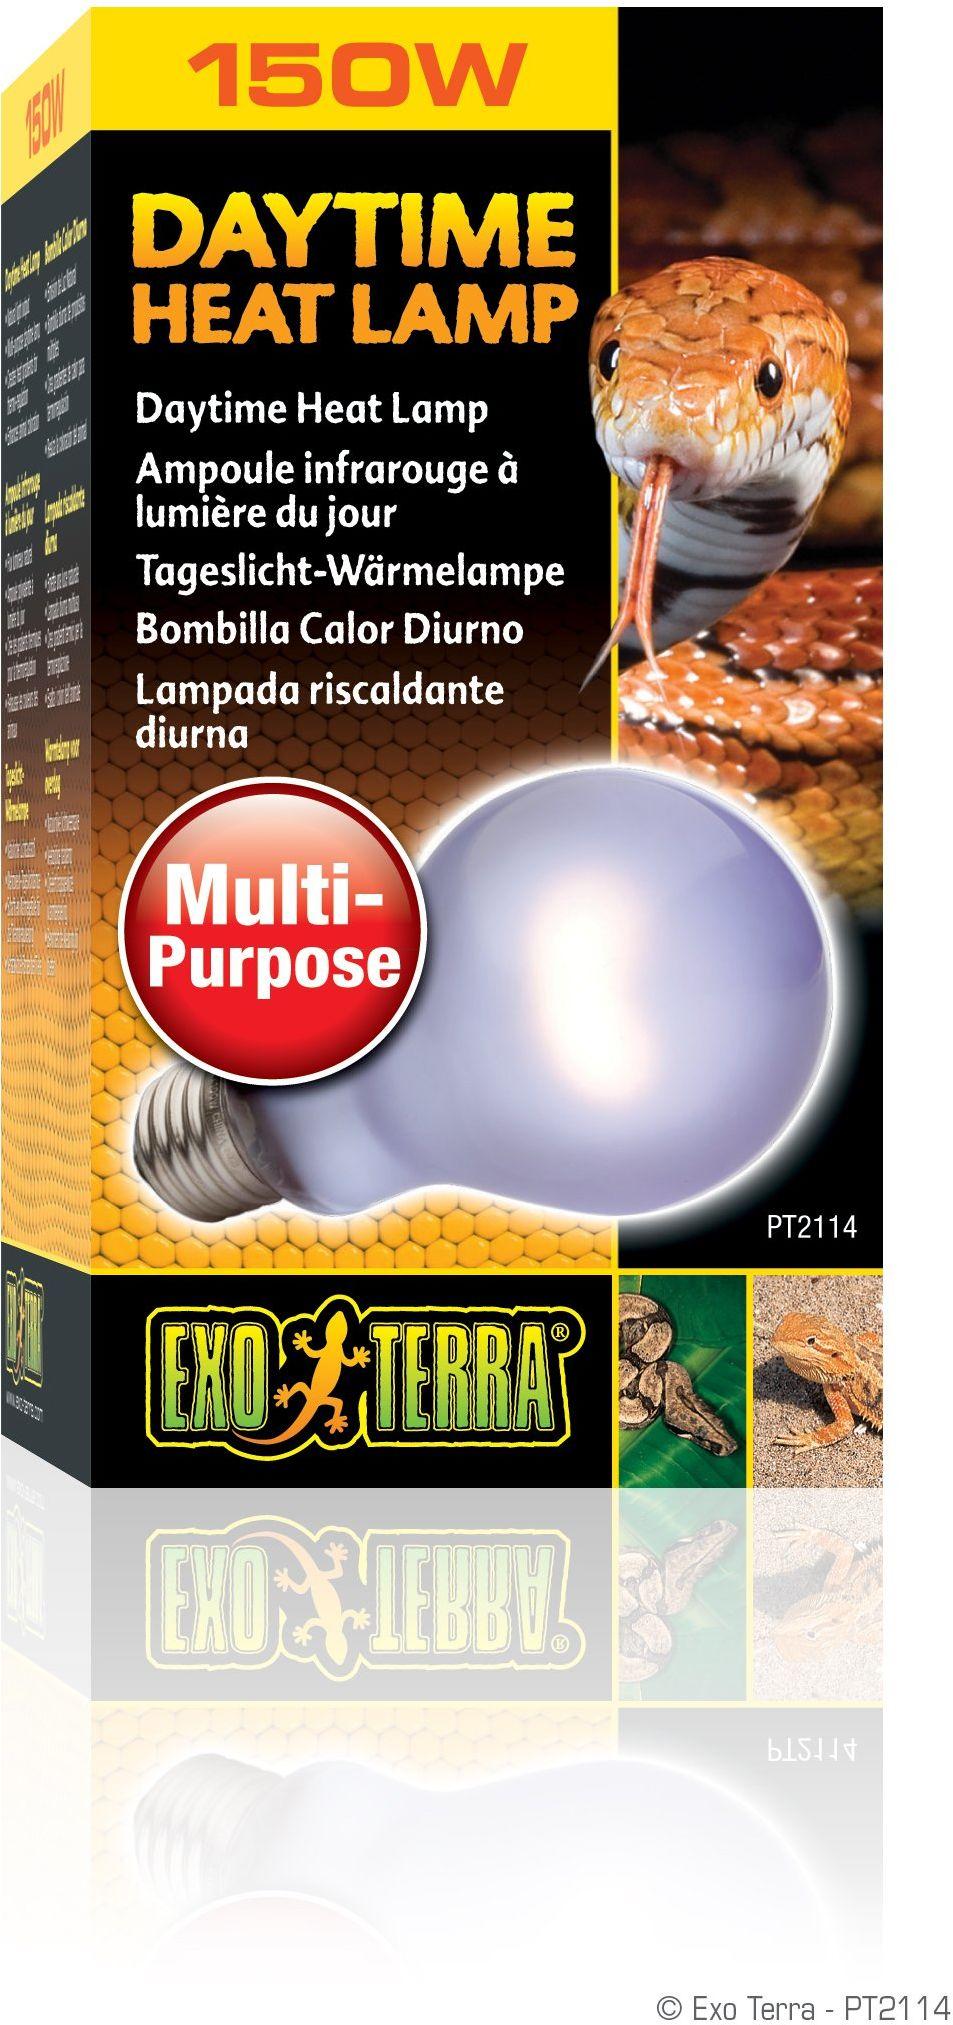 Exo Terra PT2114 lampa grzewcza do jazdy dziennej, 150 W